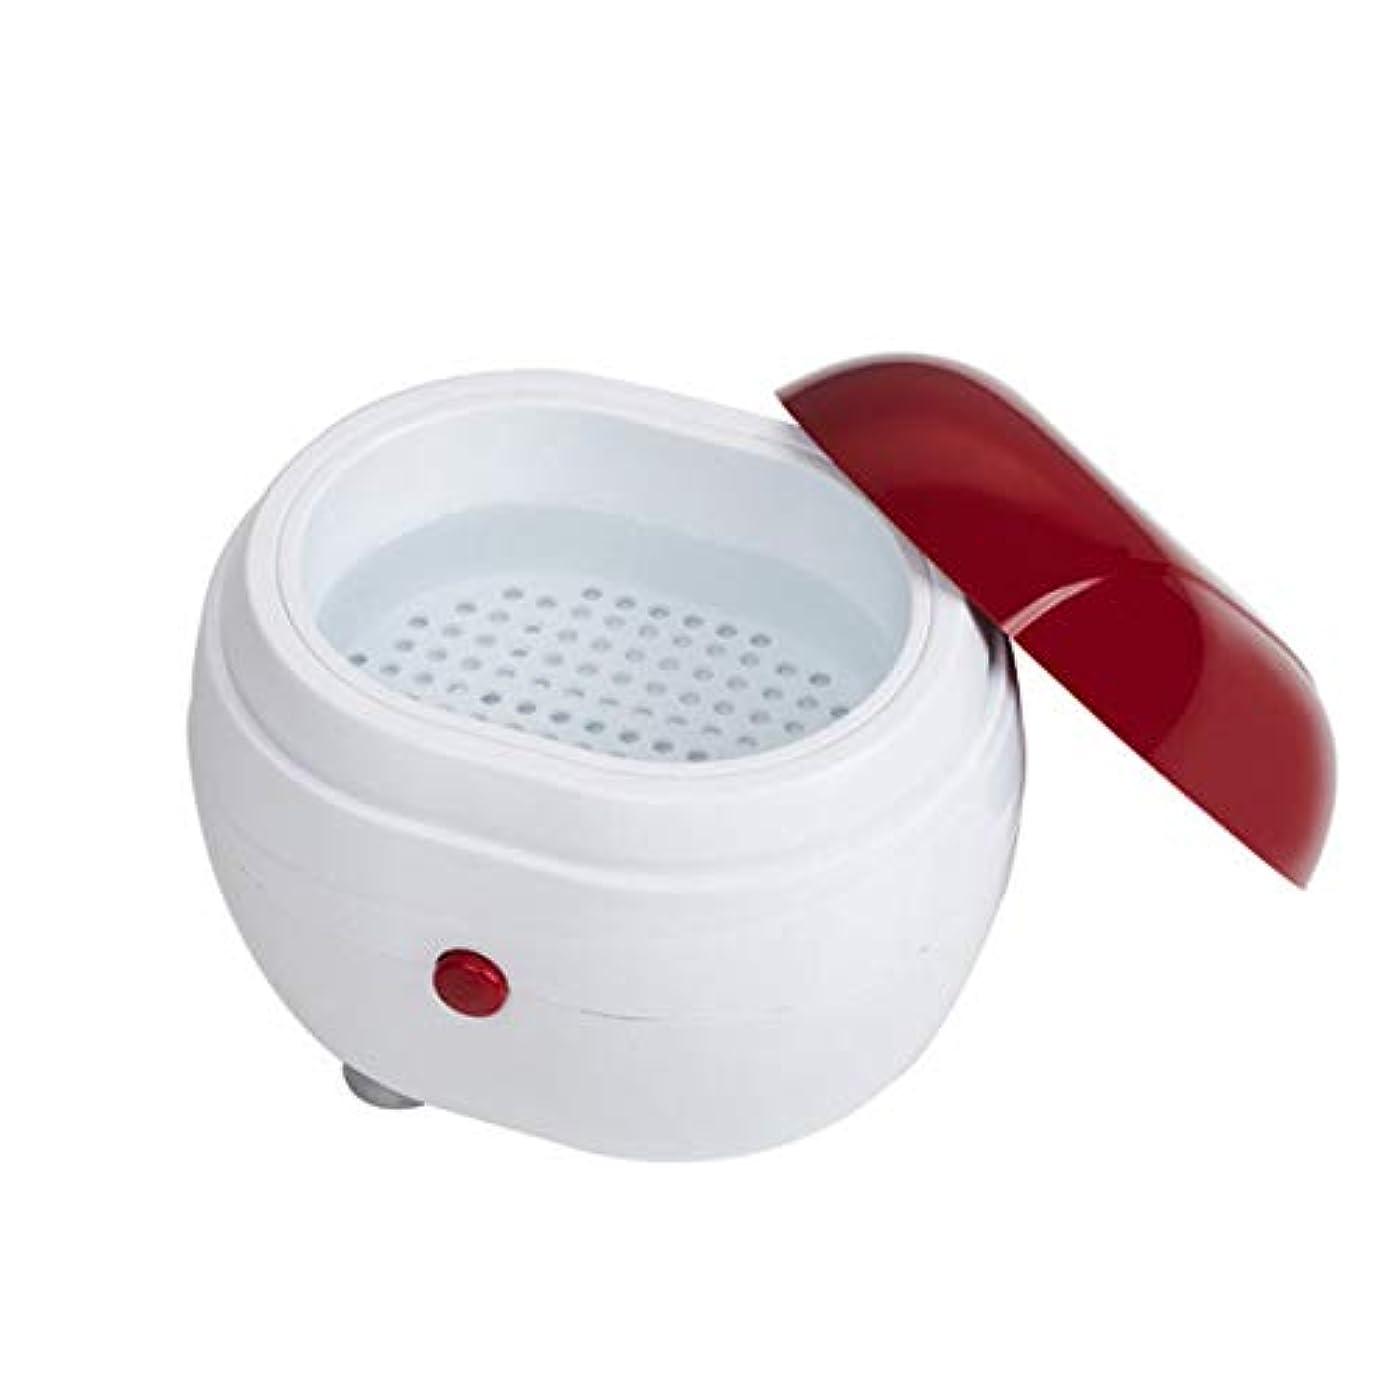 グリップパンフレット理由MolySun 歯用ツール 歯清潔 ポータブル超音波洗浄機家庭用ジュエリーレンズ時計入れ歯洗浄機洗濯機クリーナークリーニングボックス 赤と白